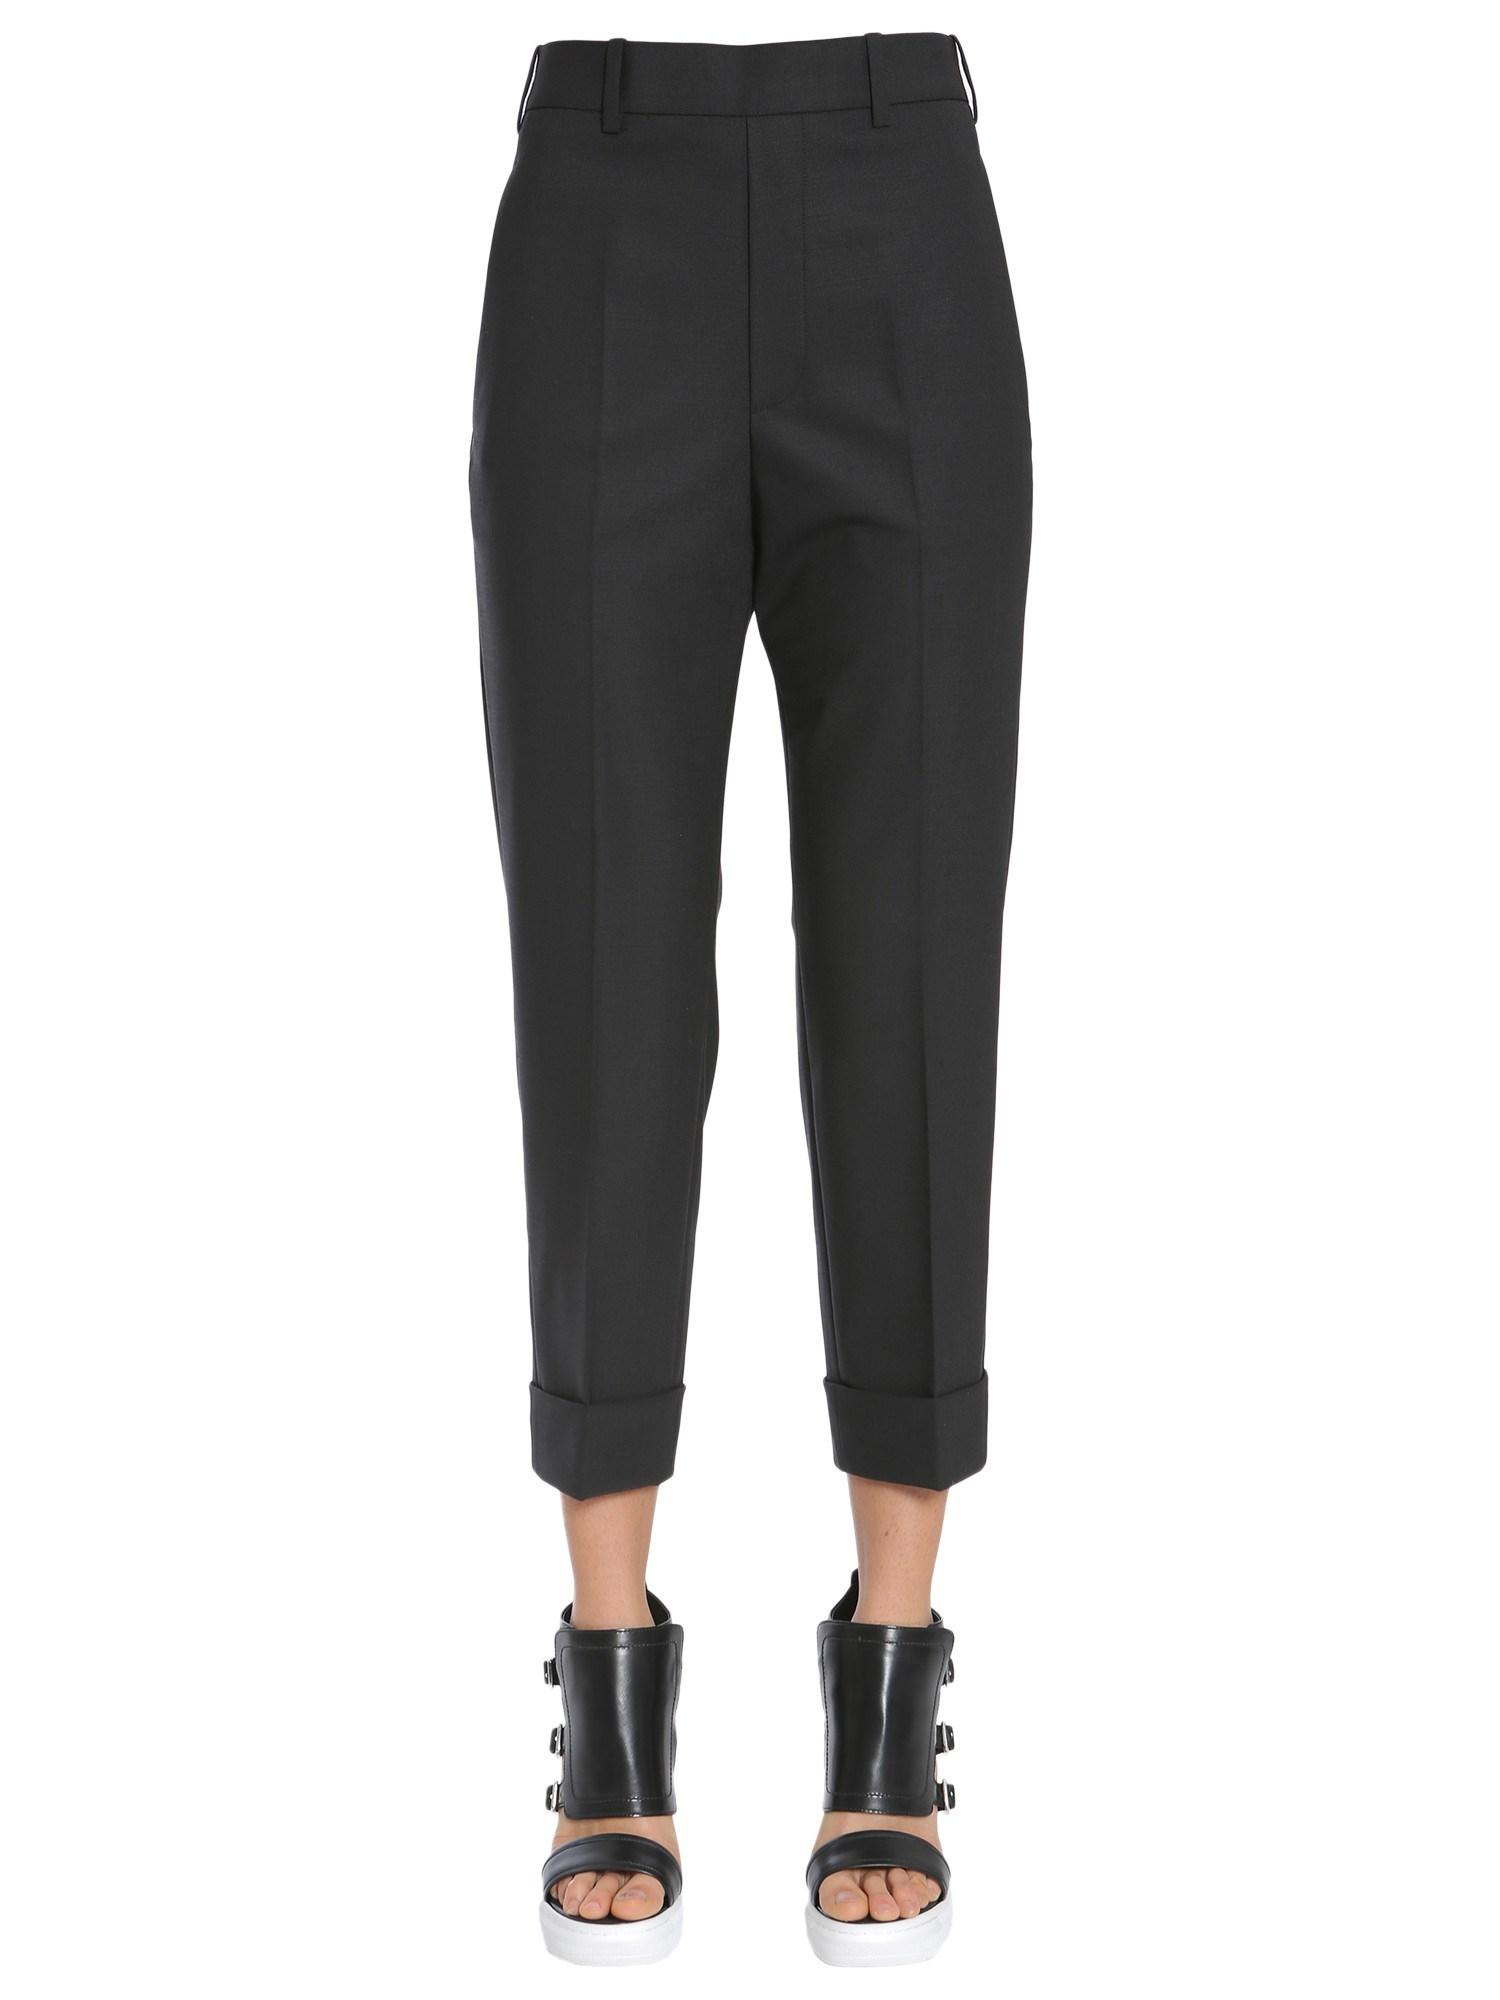 Neil barrett classic short trousers - neil barrett - Modalova